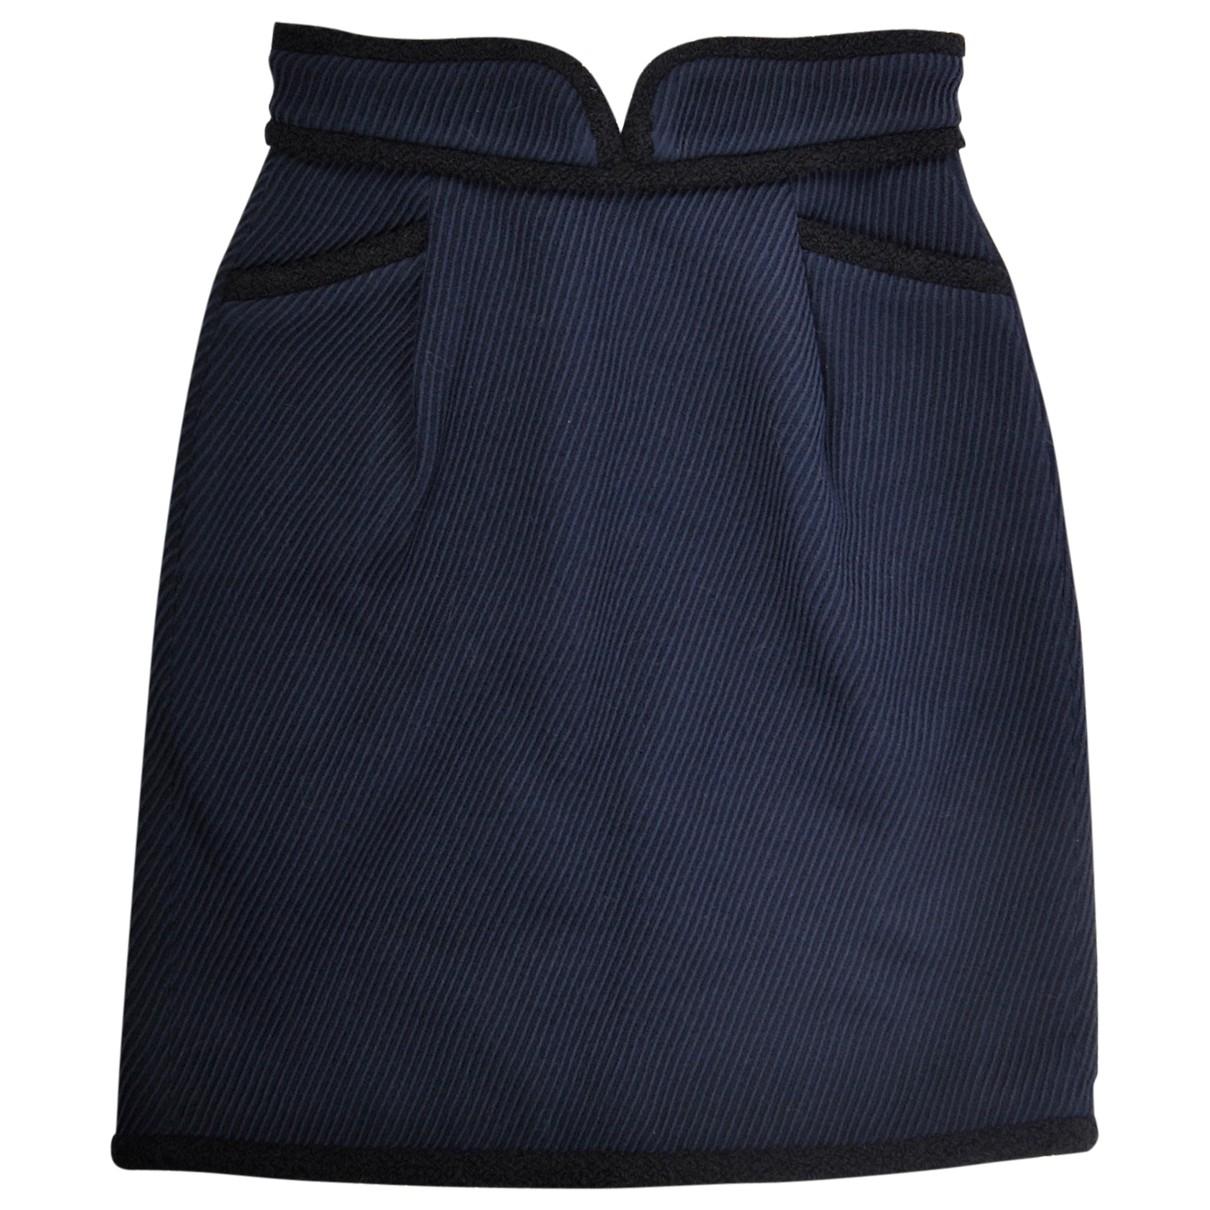 Zac Posen \N Navy Wool skirt for Women 36 FR